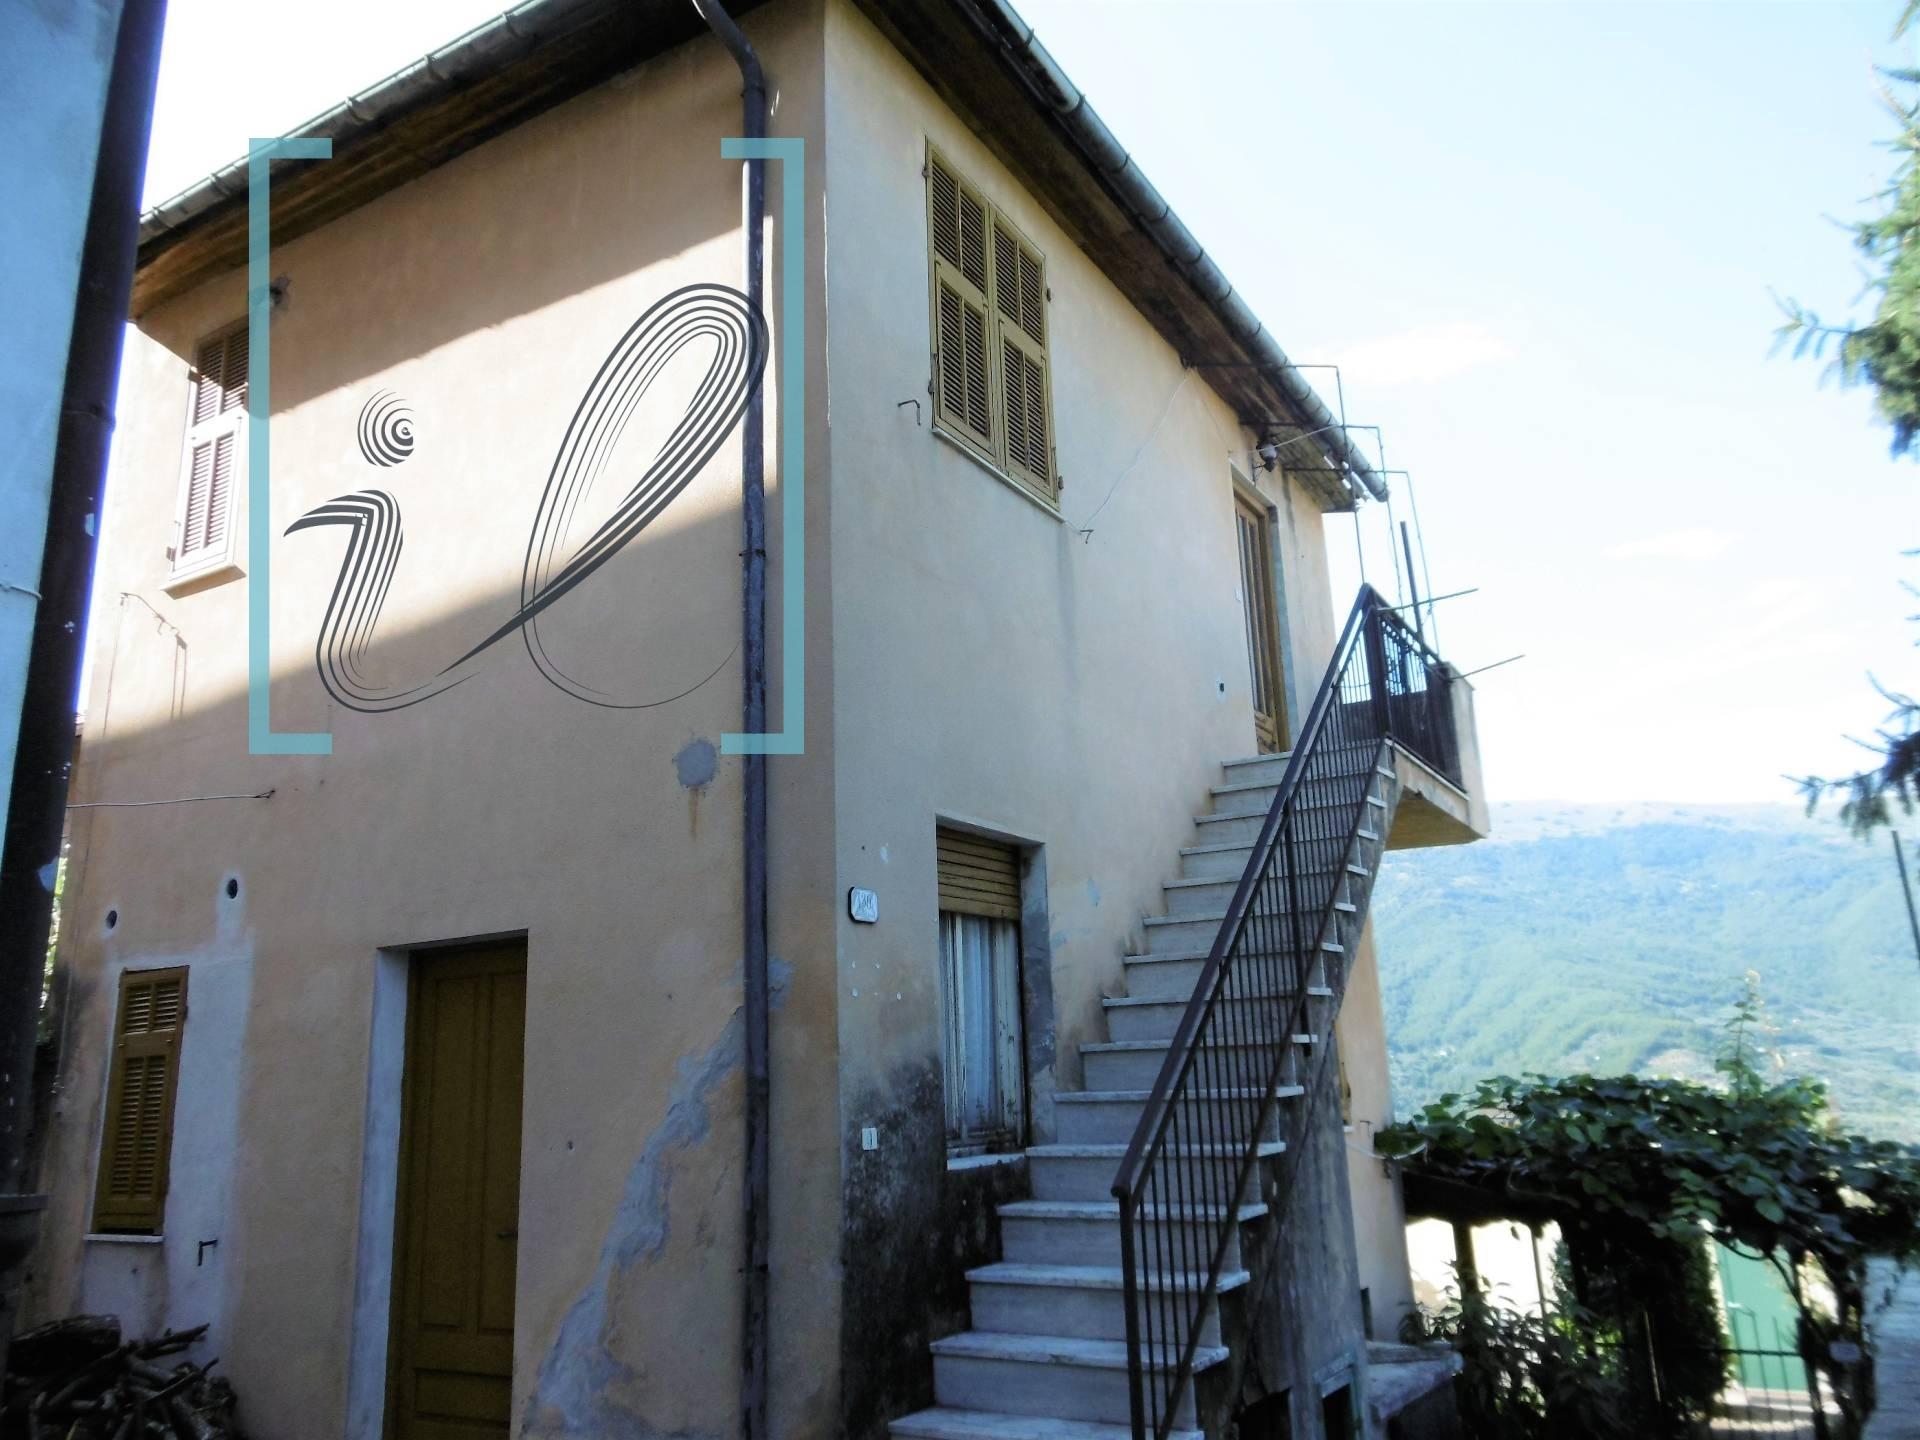 Rustico / Casale in vendita a Borgomaro, 4 locali, zona Località: VilleSanPietro, prezzo € 38.000   PortaleAgenzieImmobiliari.it